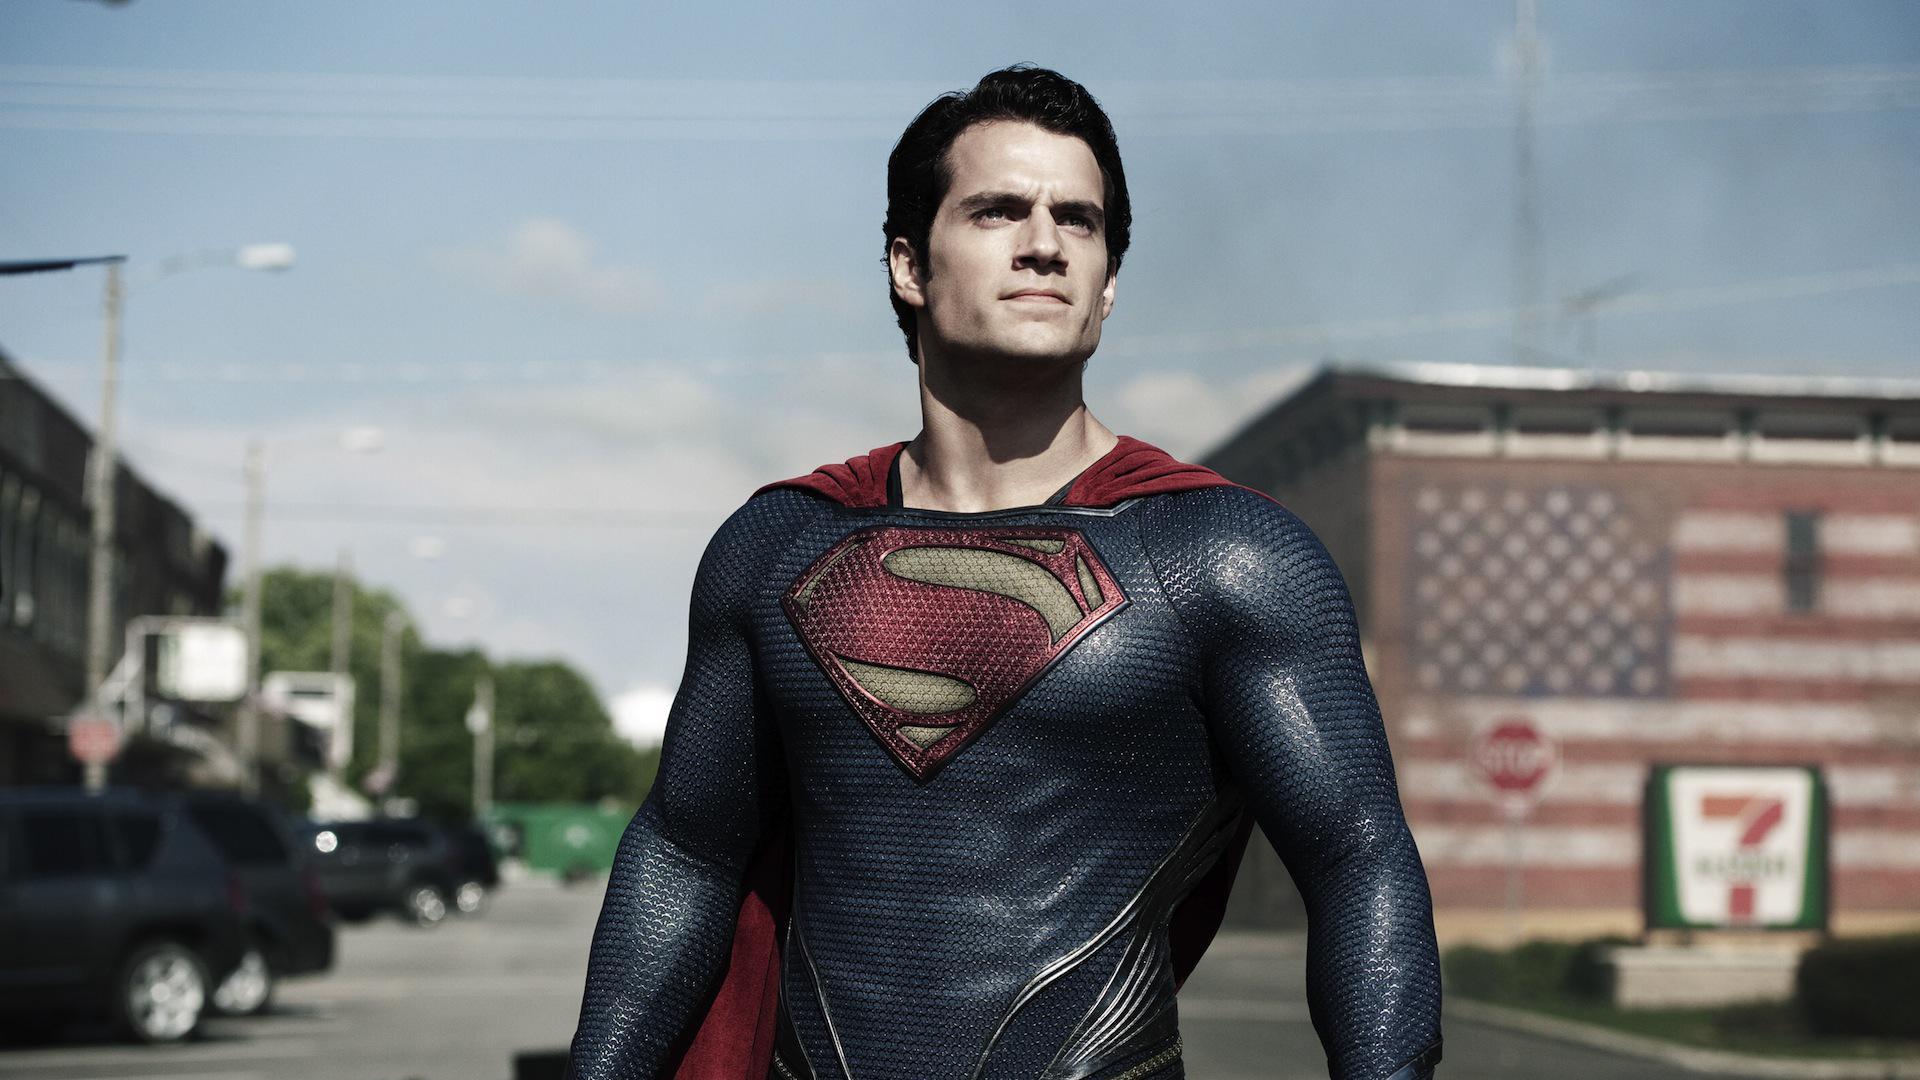 <em>Batman v Superman</em>'s release gets pushed back again: Is that a bad sign?